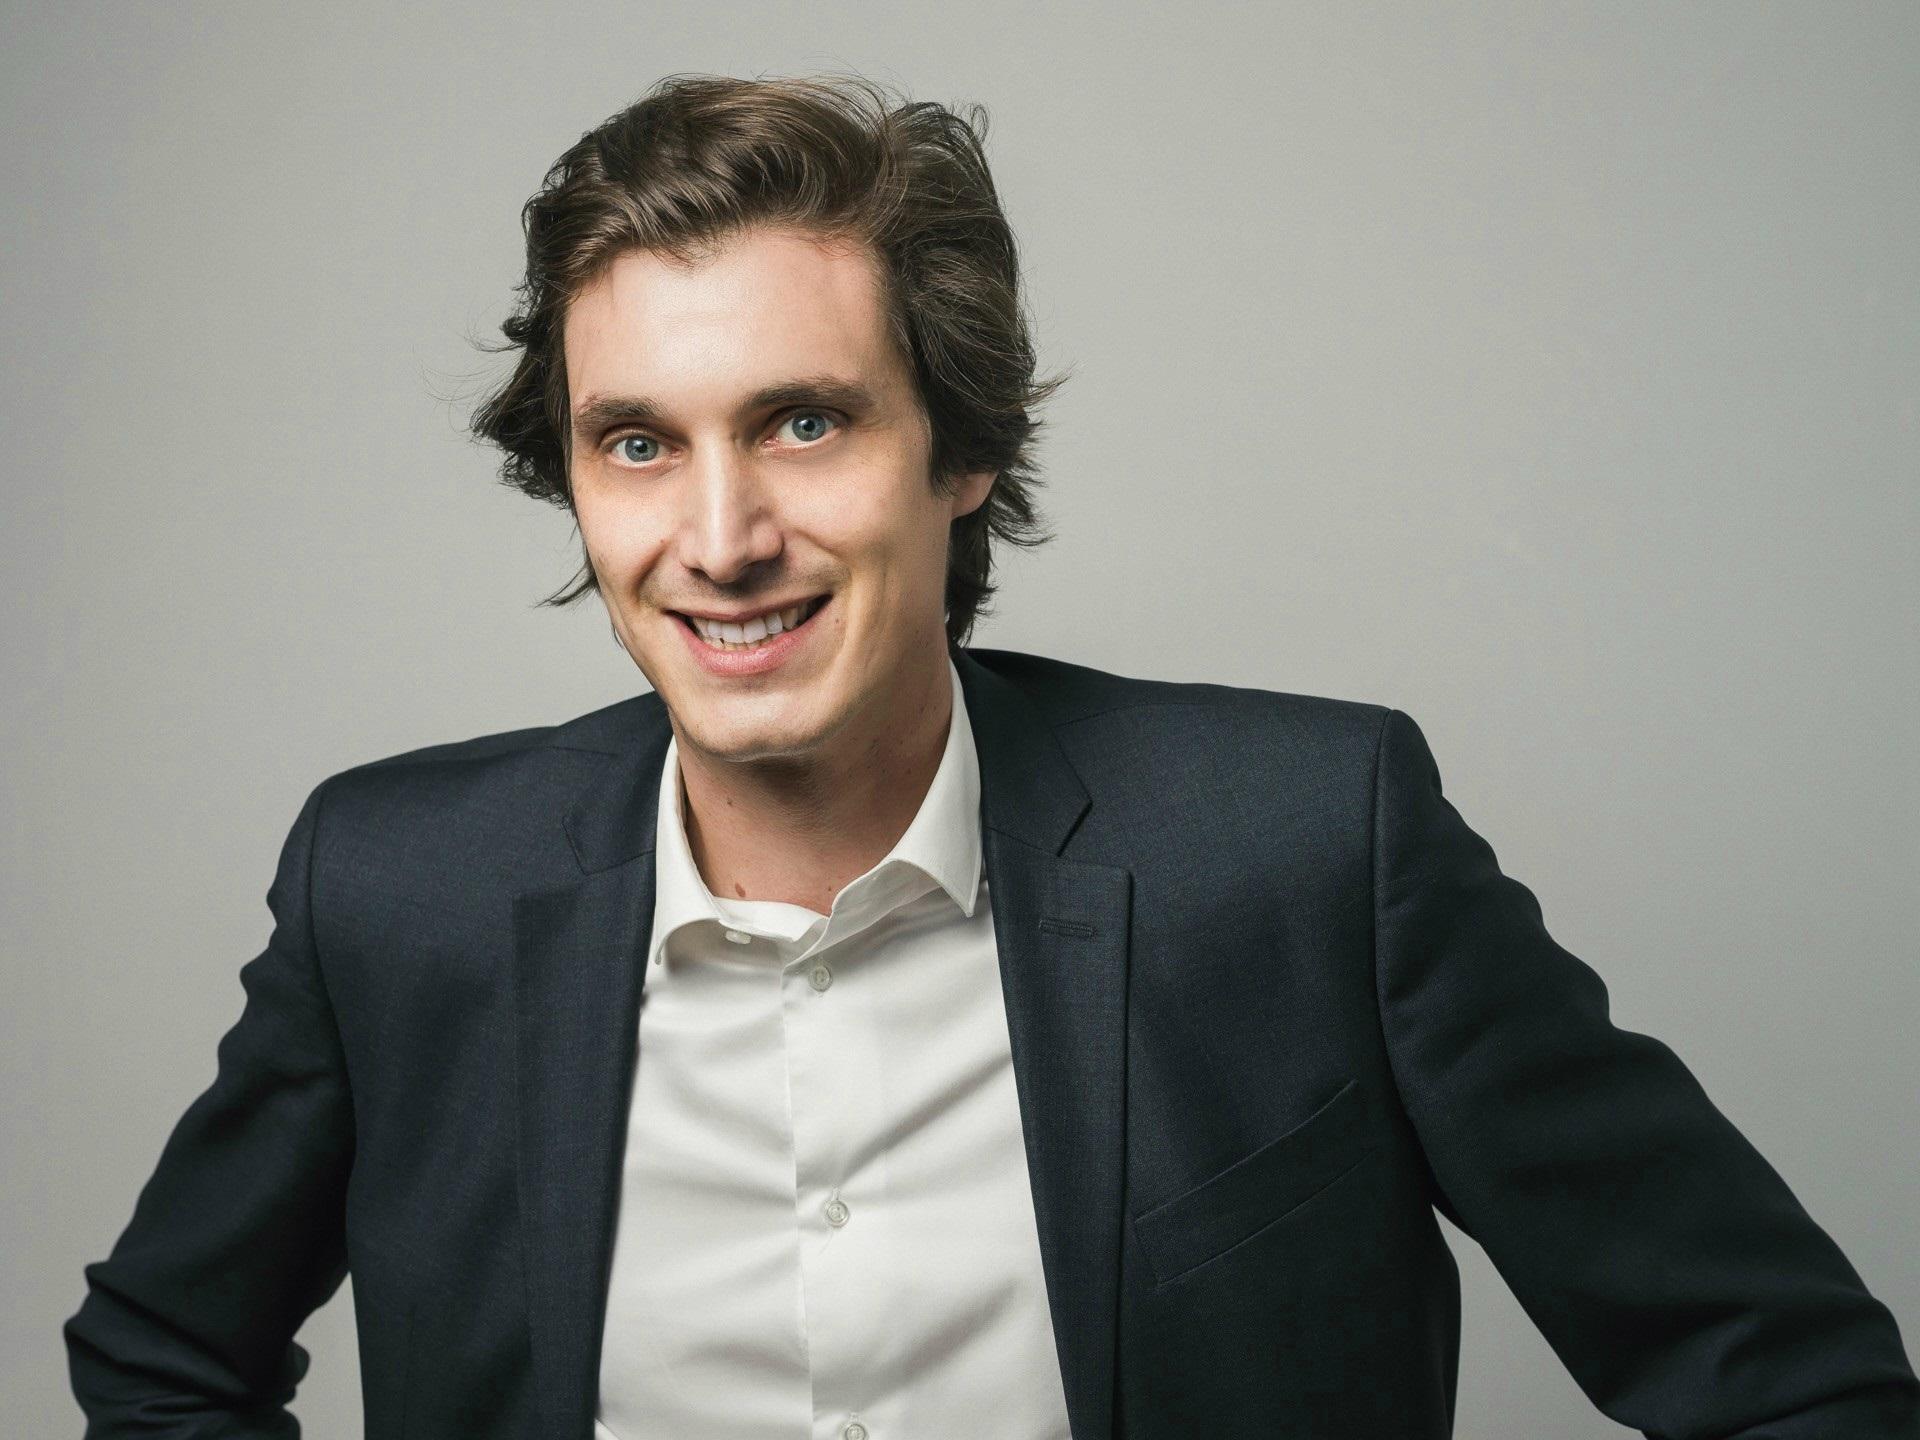 Jérôme Baril